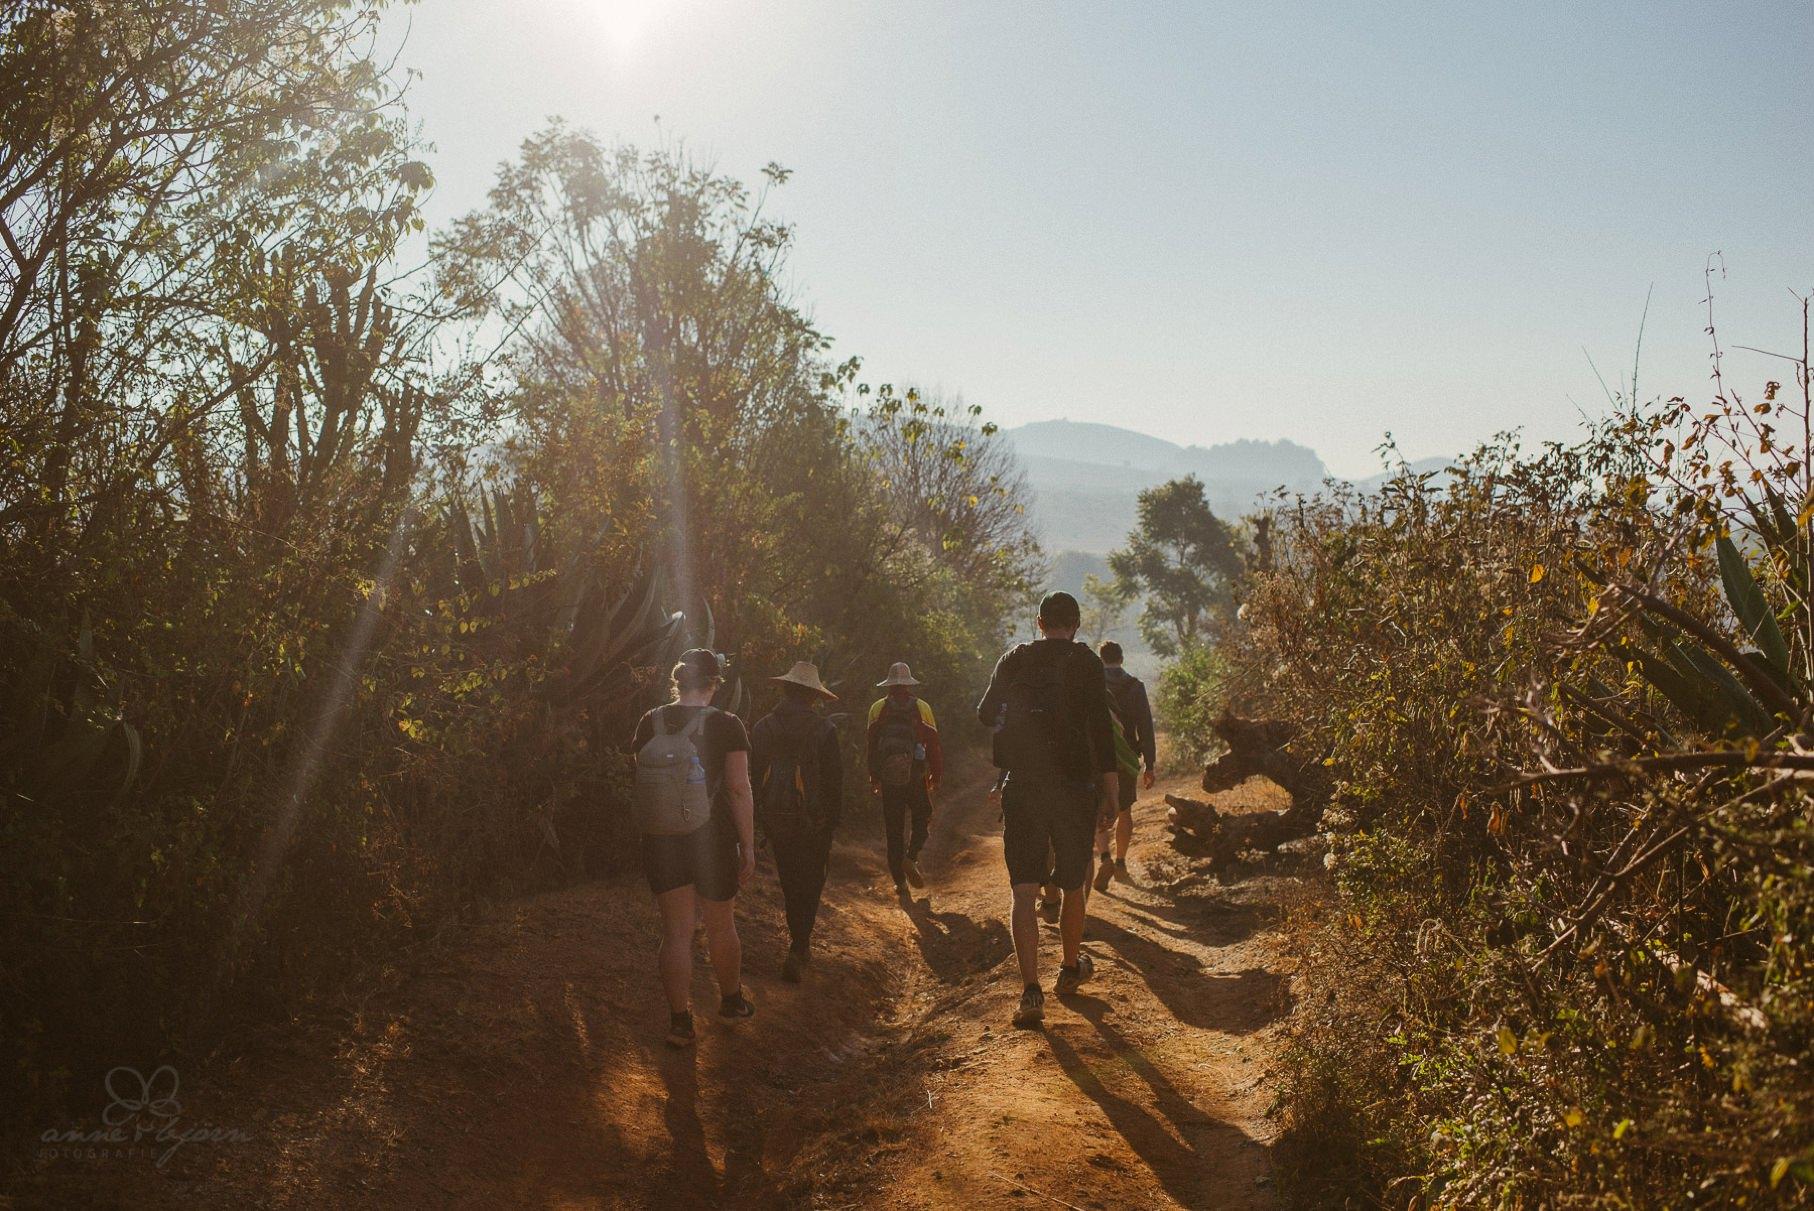 0053 inle lake trekking d76 6090 - Trekking von Kalaw zum Inle-See - Myanmar / Burma